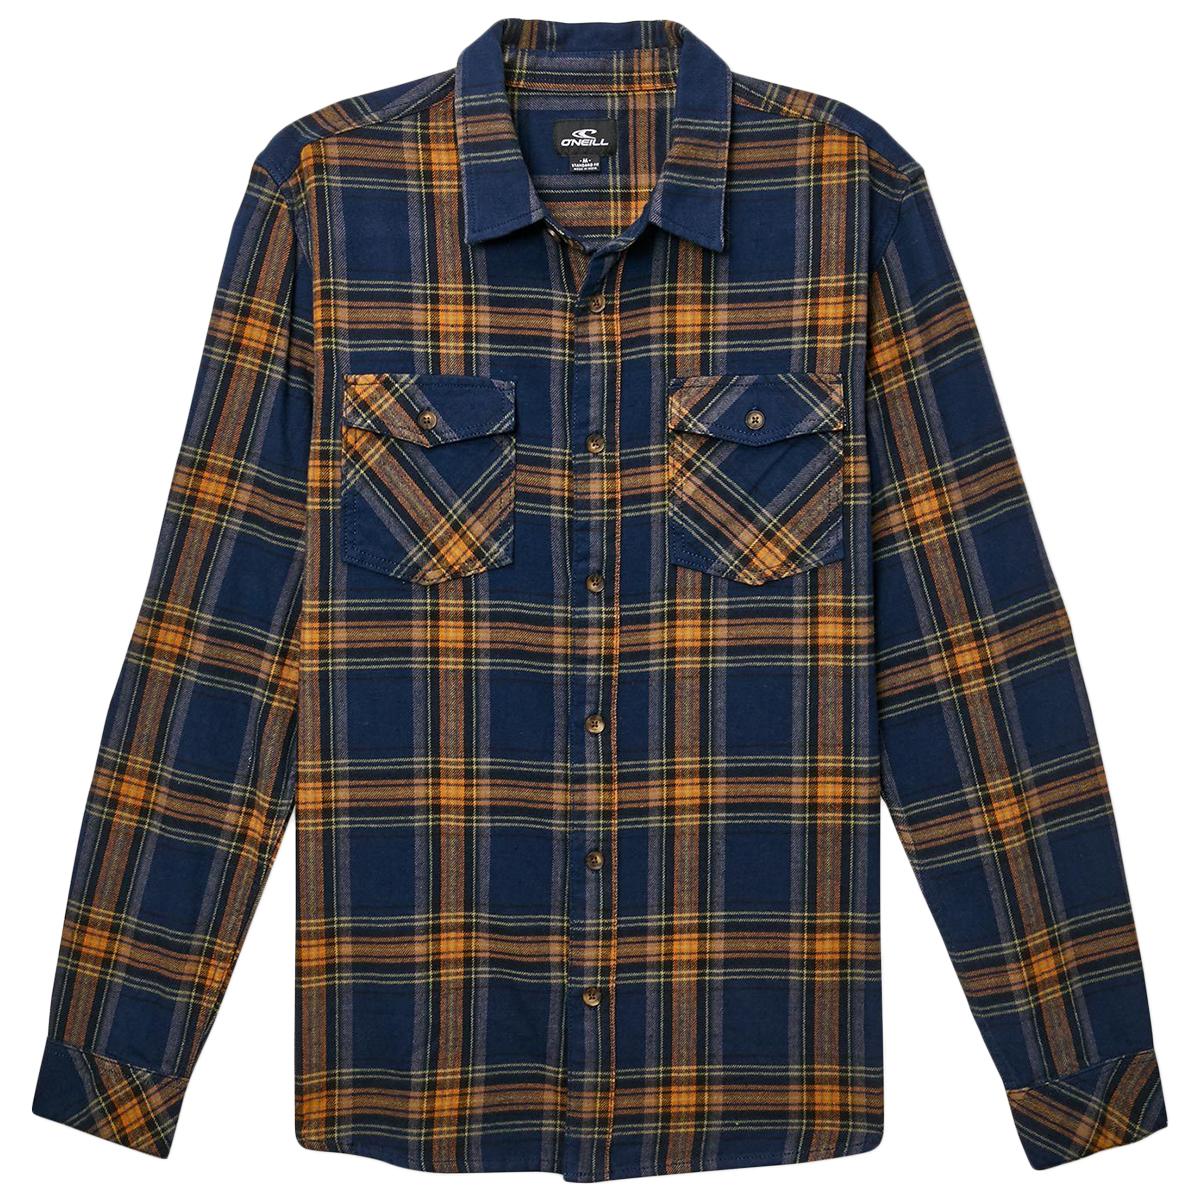 O'neill Men's Highland Flannel Shirt - Blue, L